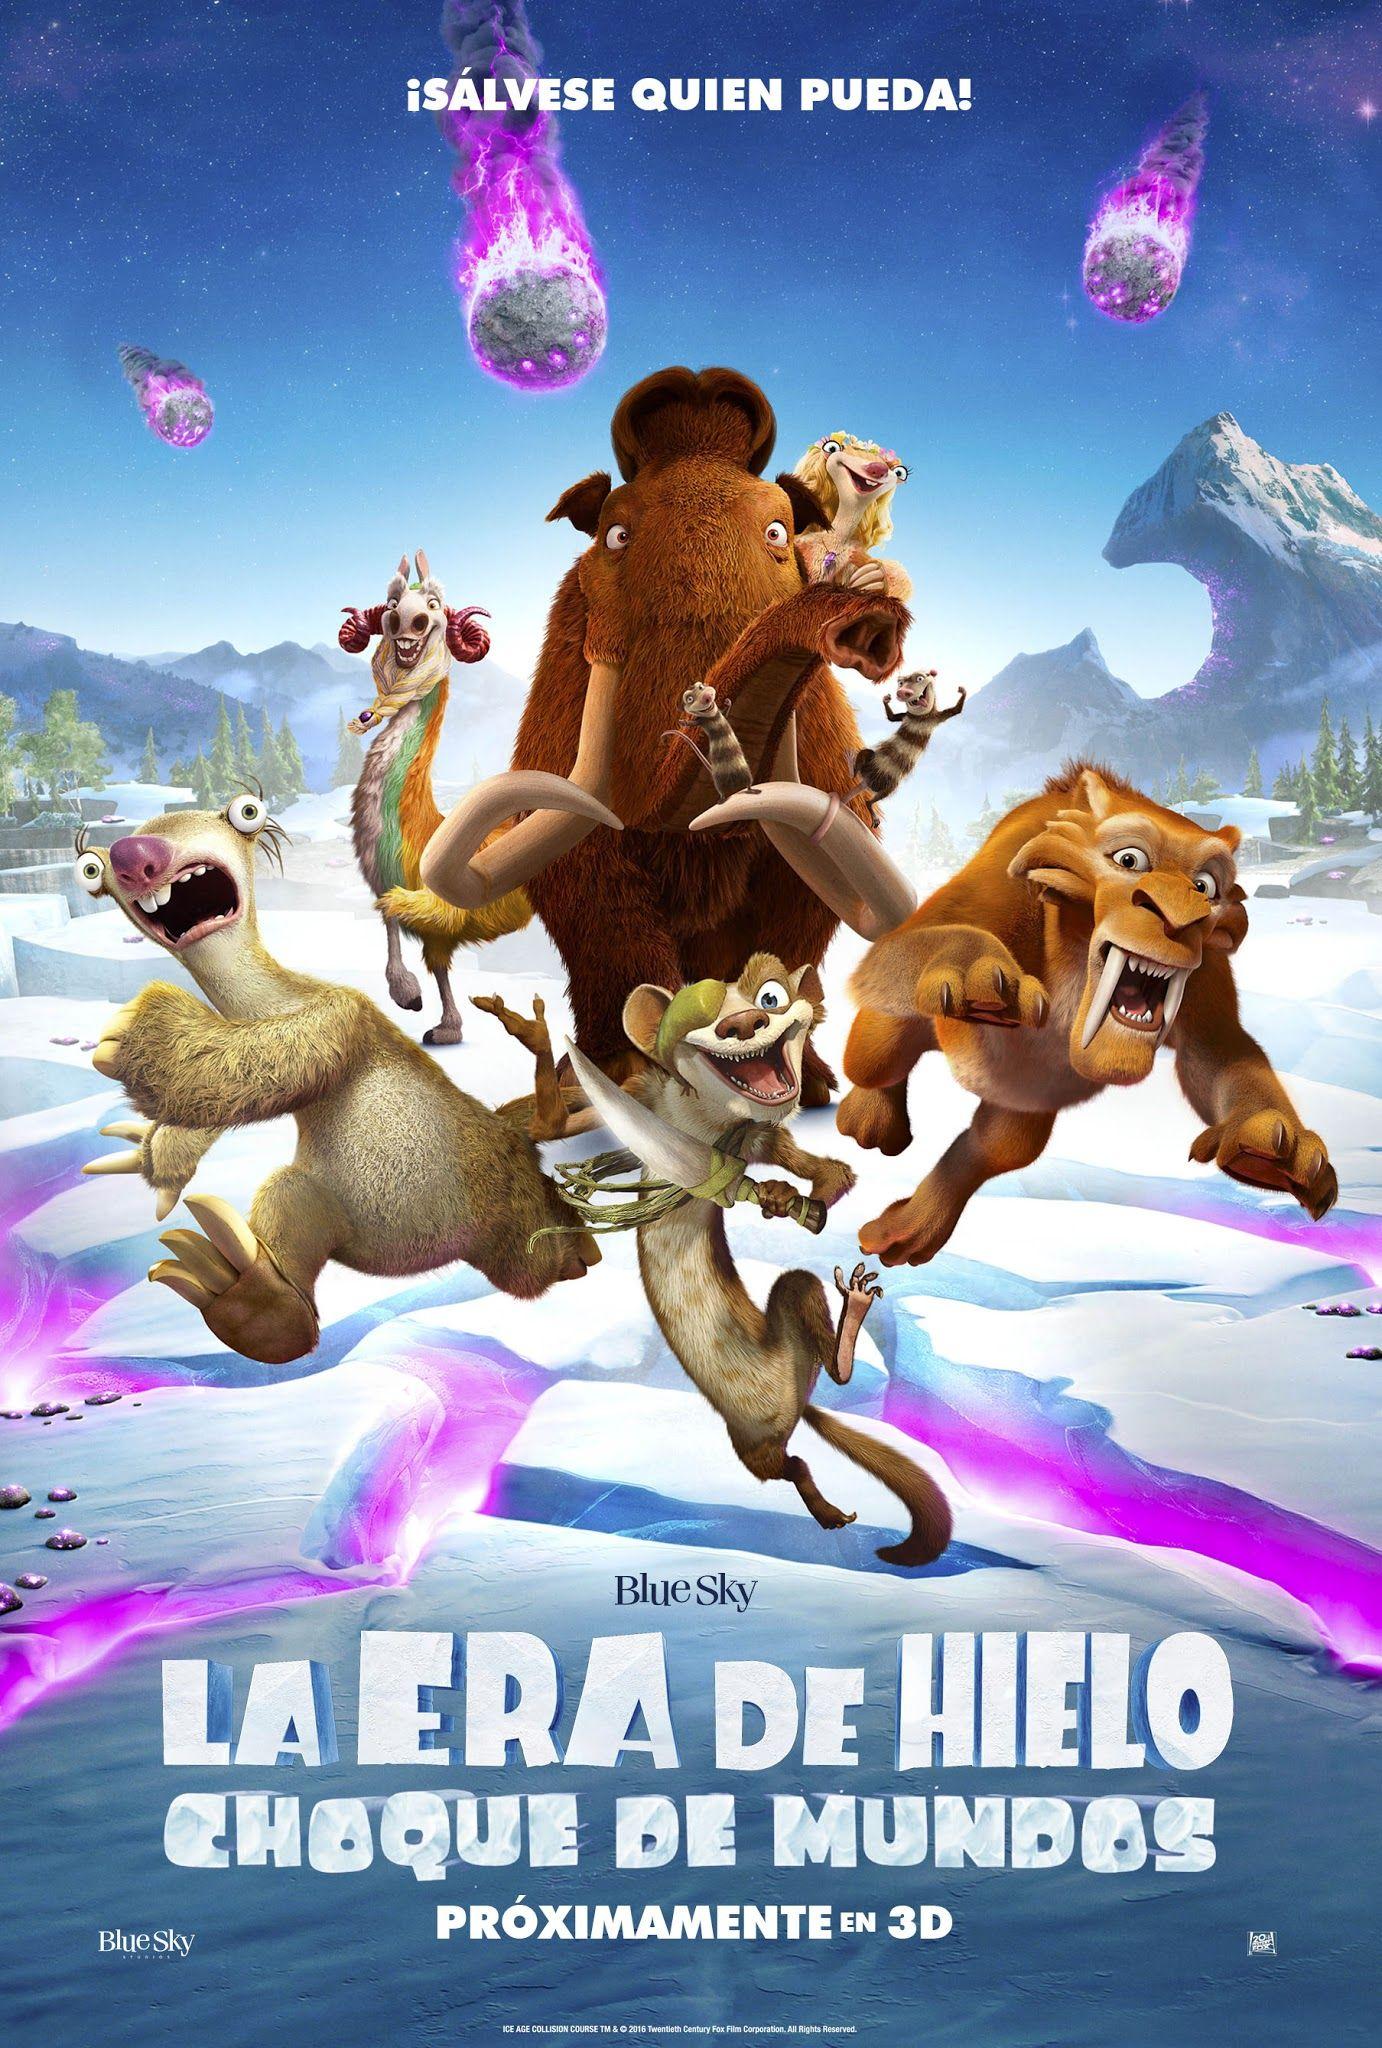 La era de hielo Choque de mundos poster final // Ice age Collision ...